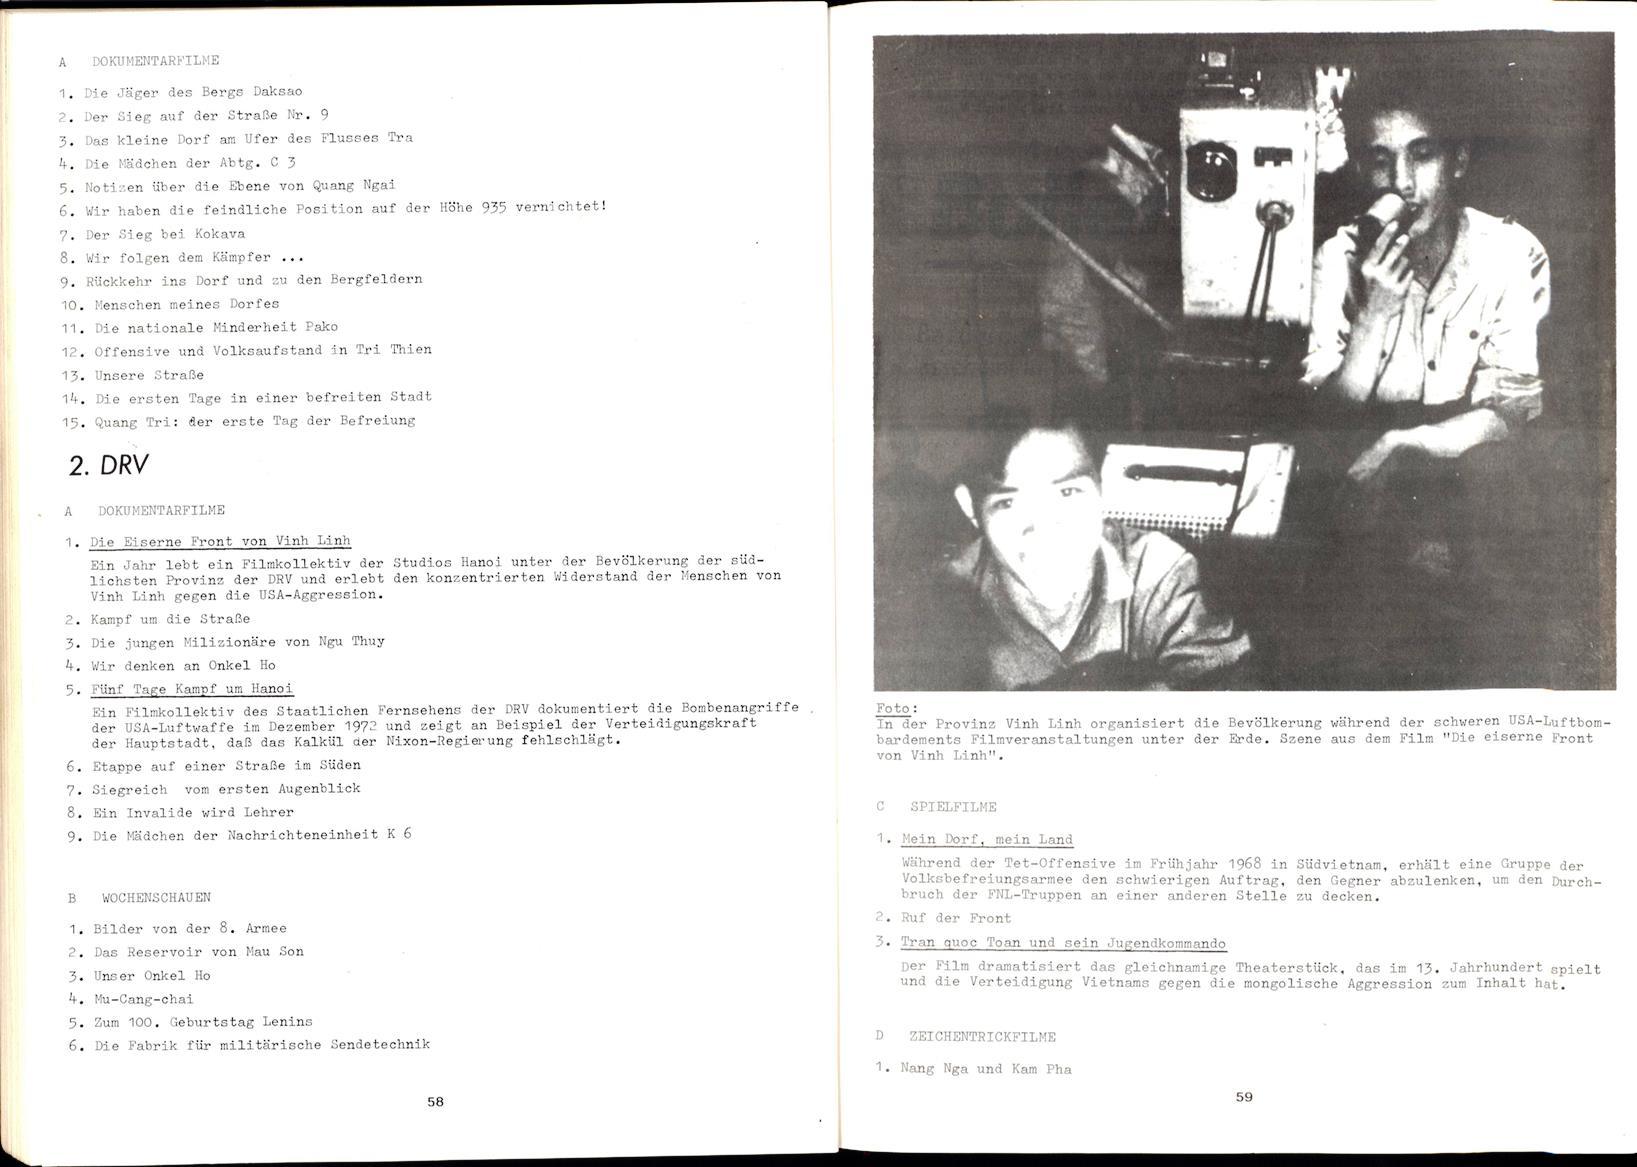 IK_Filmwesen_Bulletin_19740400_008_009_030